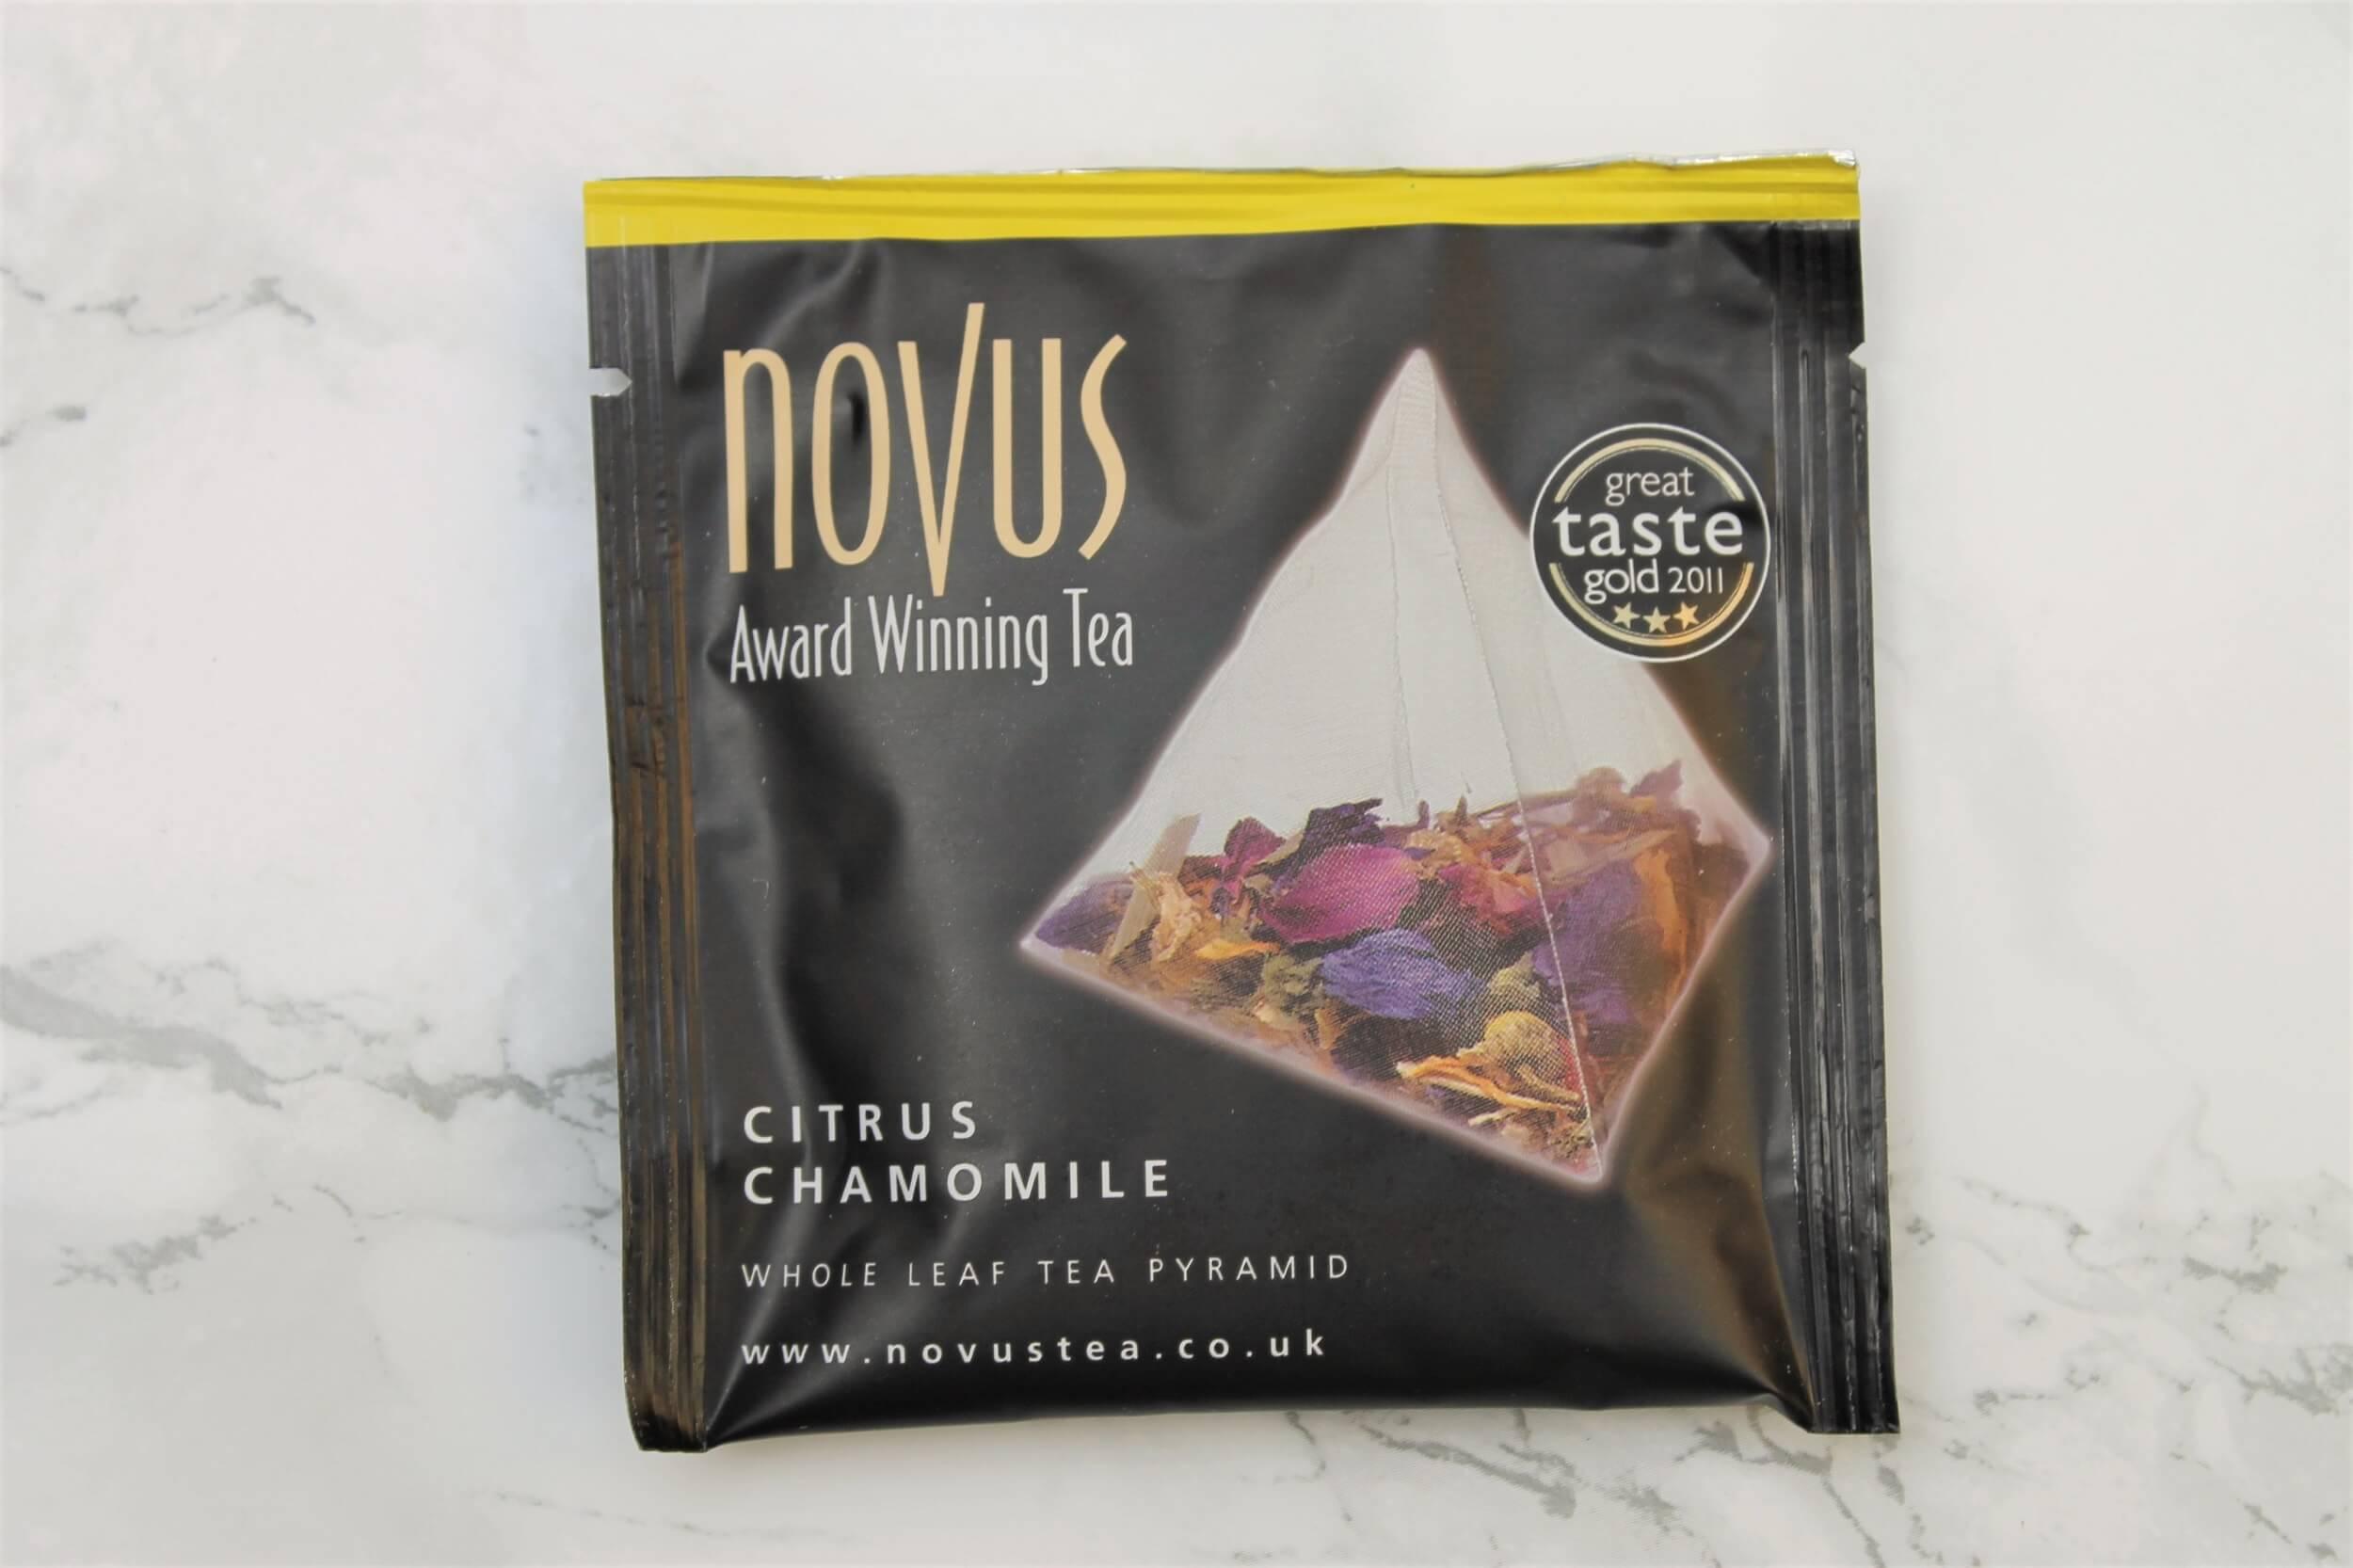 novus citrus chamomile tea pyramid